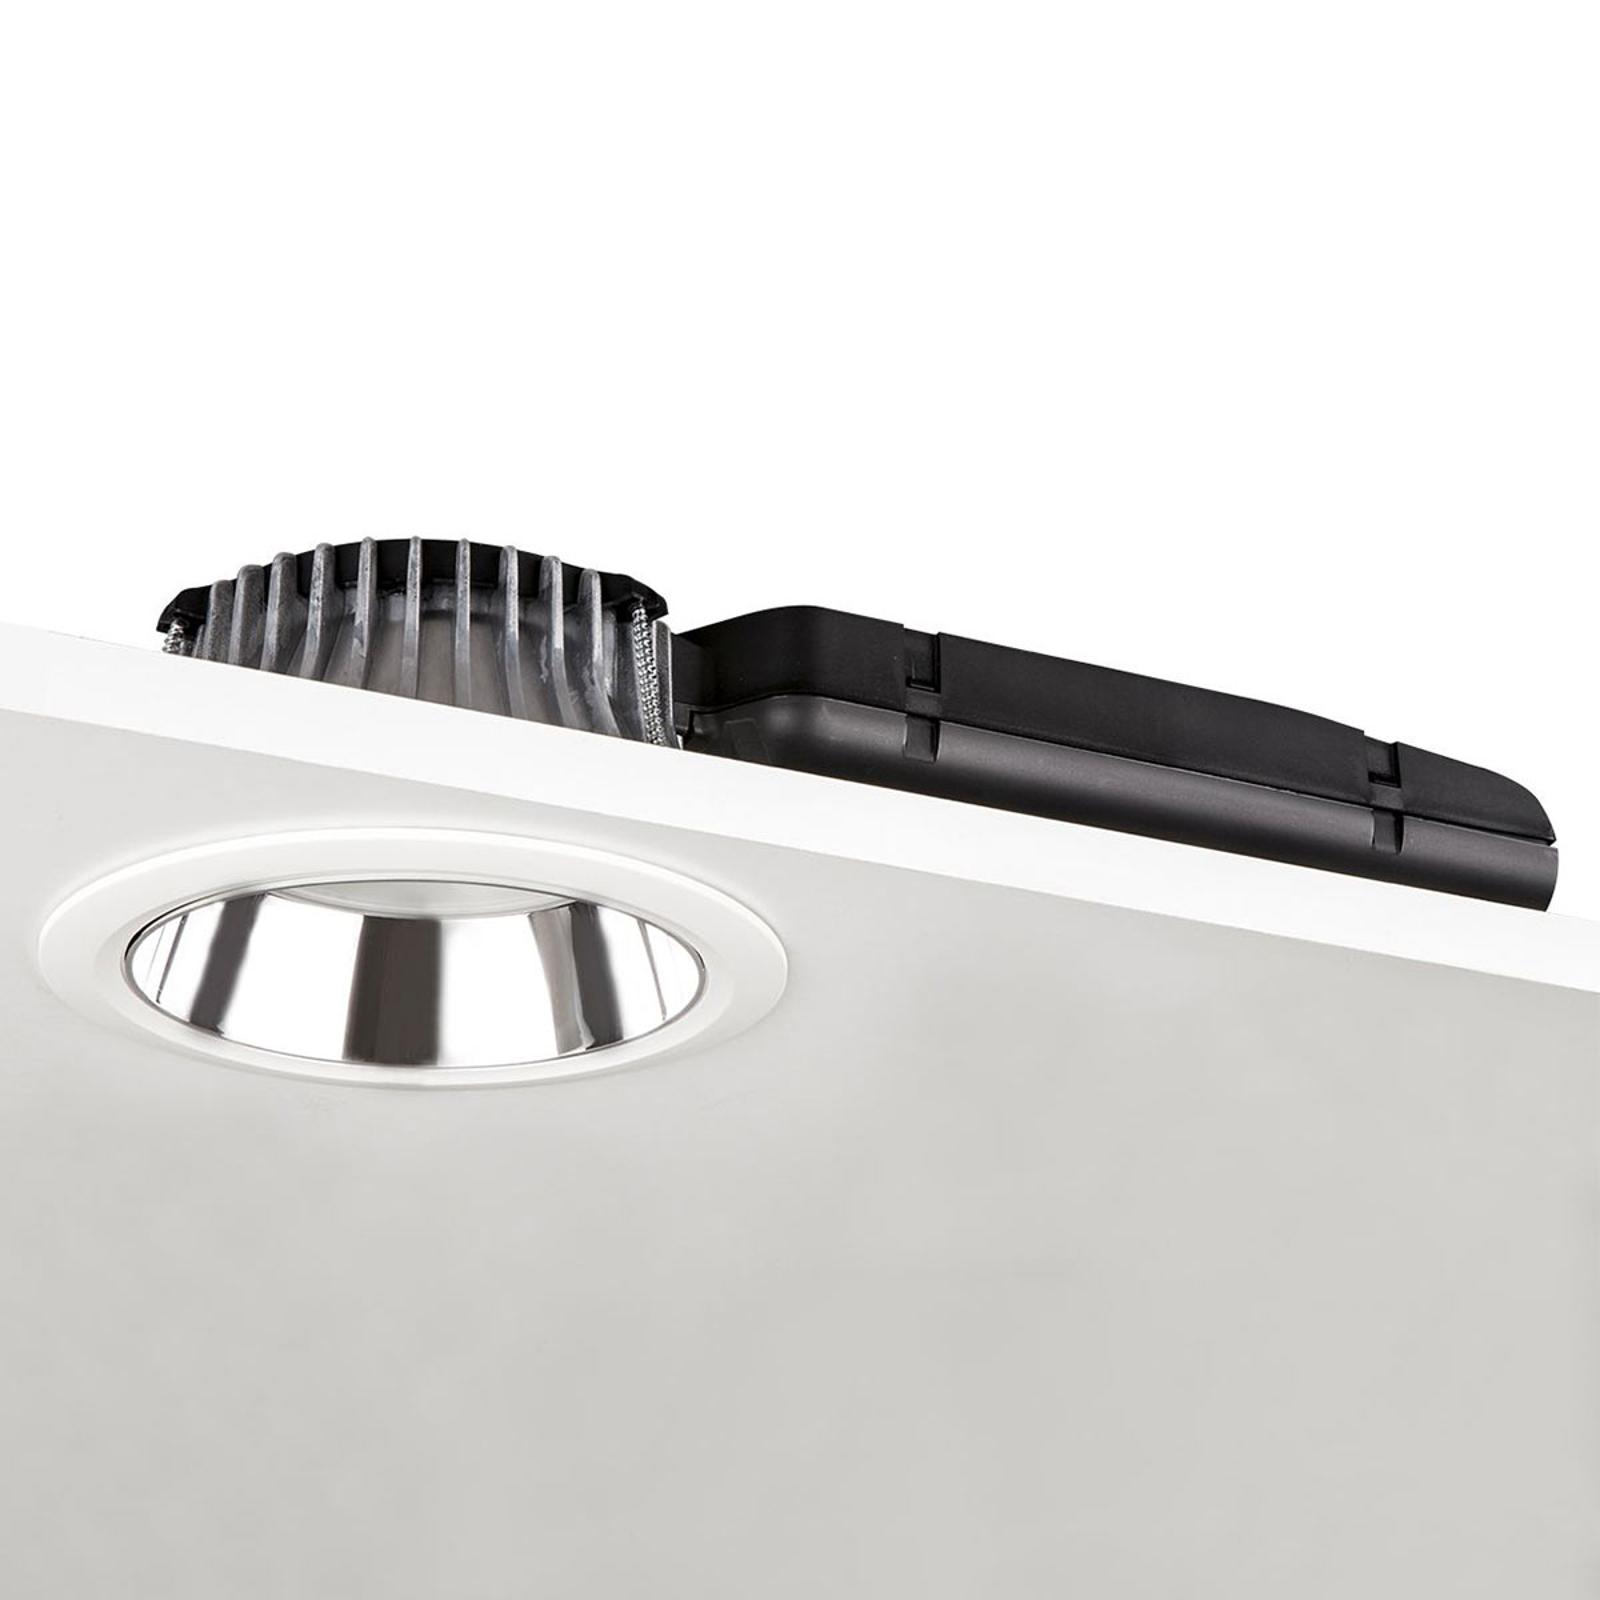 Downlight D70-RF155 DALI argent/blanc 4000K 20W